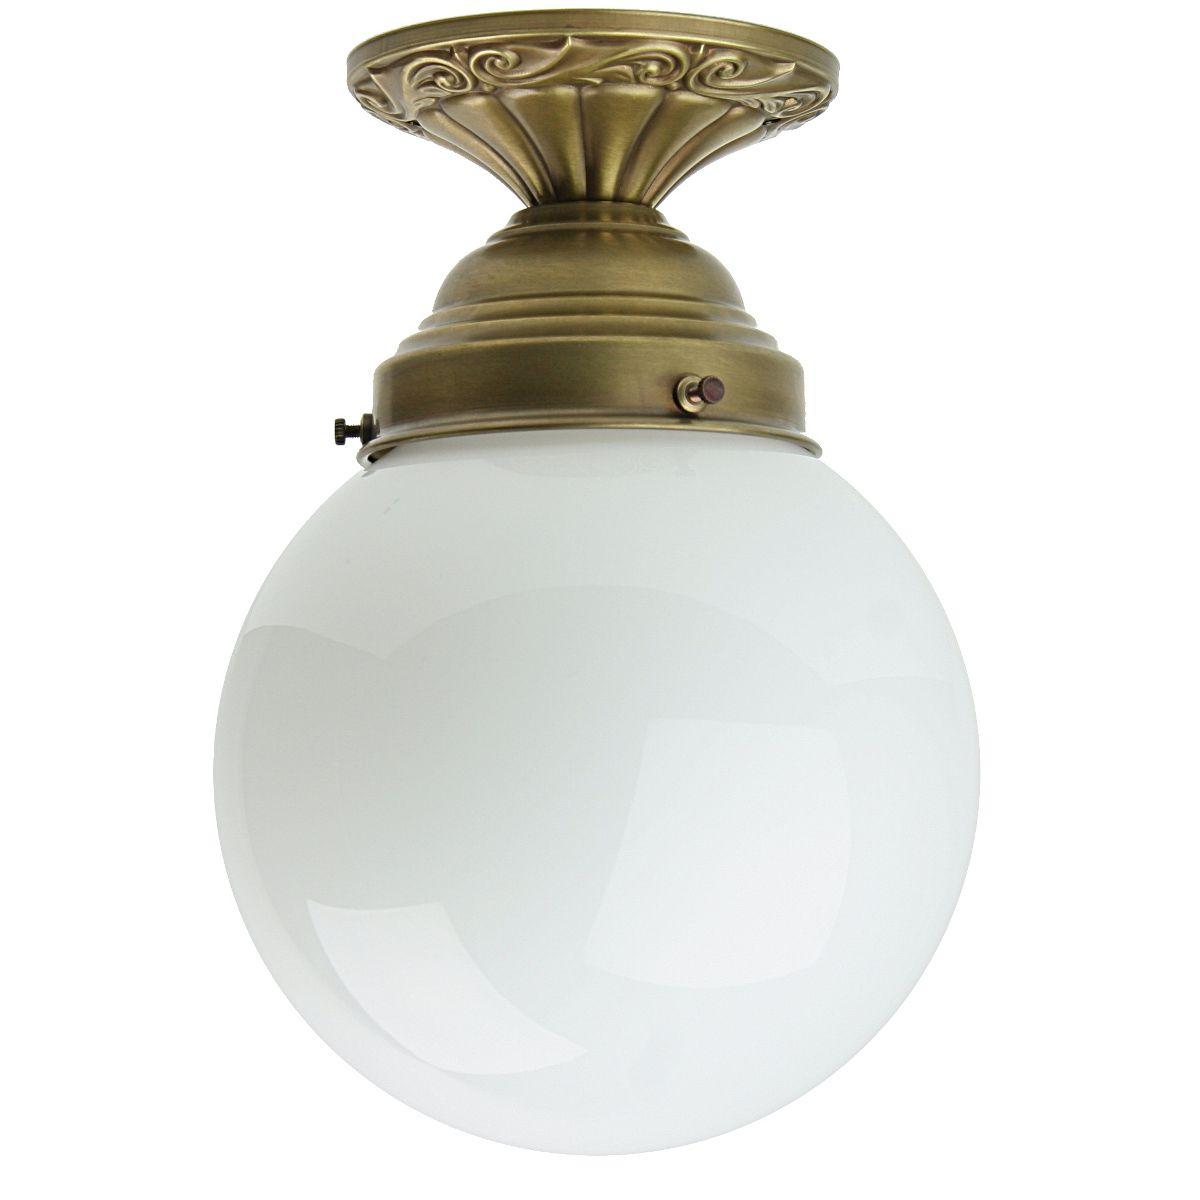 Mit Design Im KugelglasOberfläche Weißem Deckenlampe Jugendstil v7bYyf6g